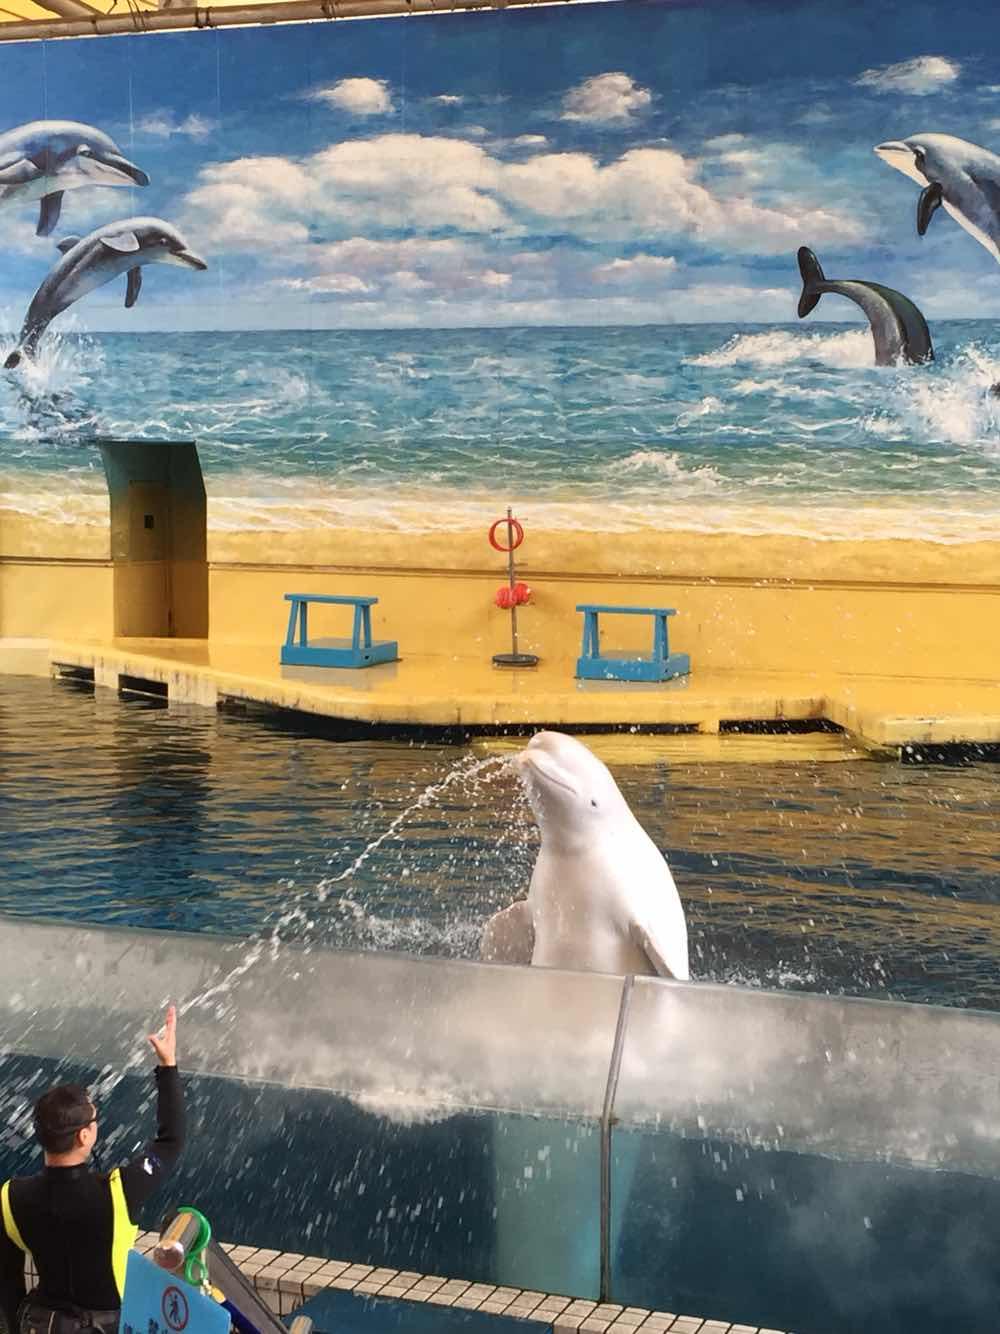 广州海洋馆 广州海洋馆和动物园套票 成人 广州海洋馆在动物园里面,图片